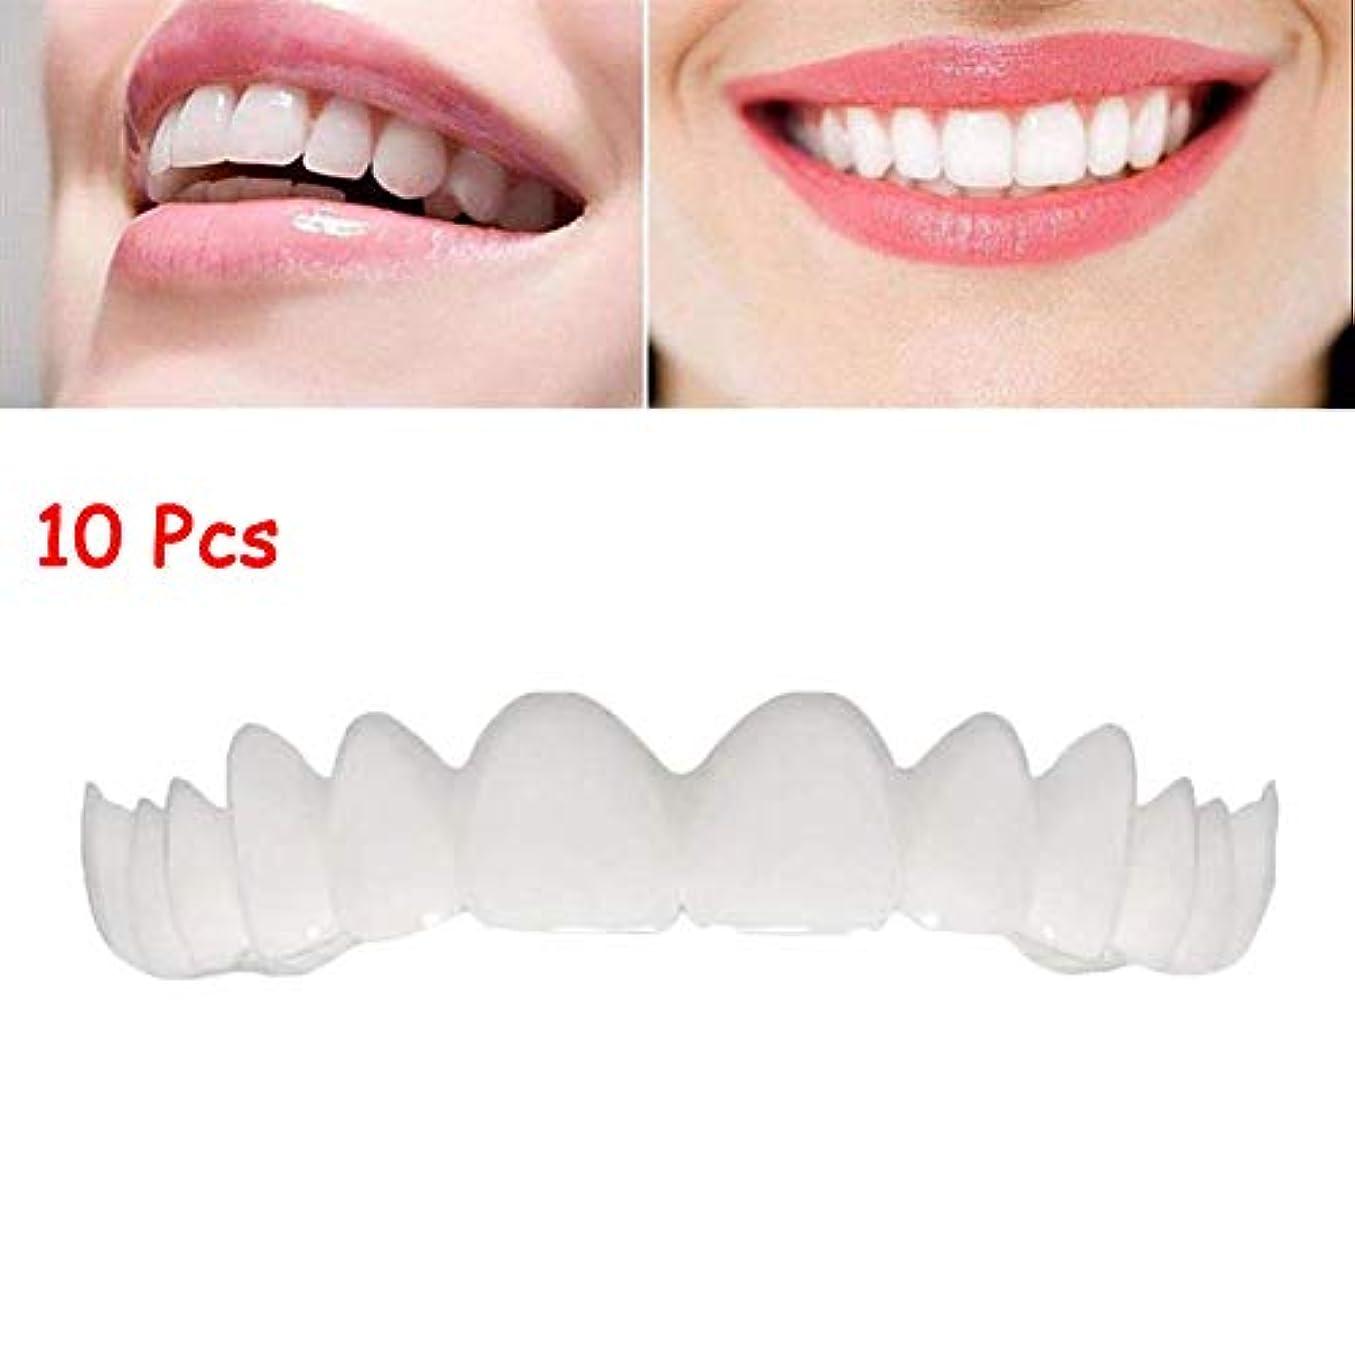 悲観的海岸腹10本の一時的な化粧品の歯義歯歯の化粧品模擬装具アッパーブレースホワイトニング歯スナップキャップインスタント快適なフレックスパーフェクトベニア